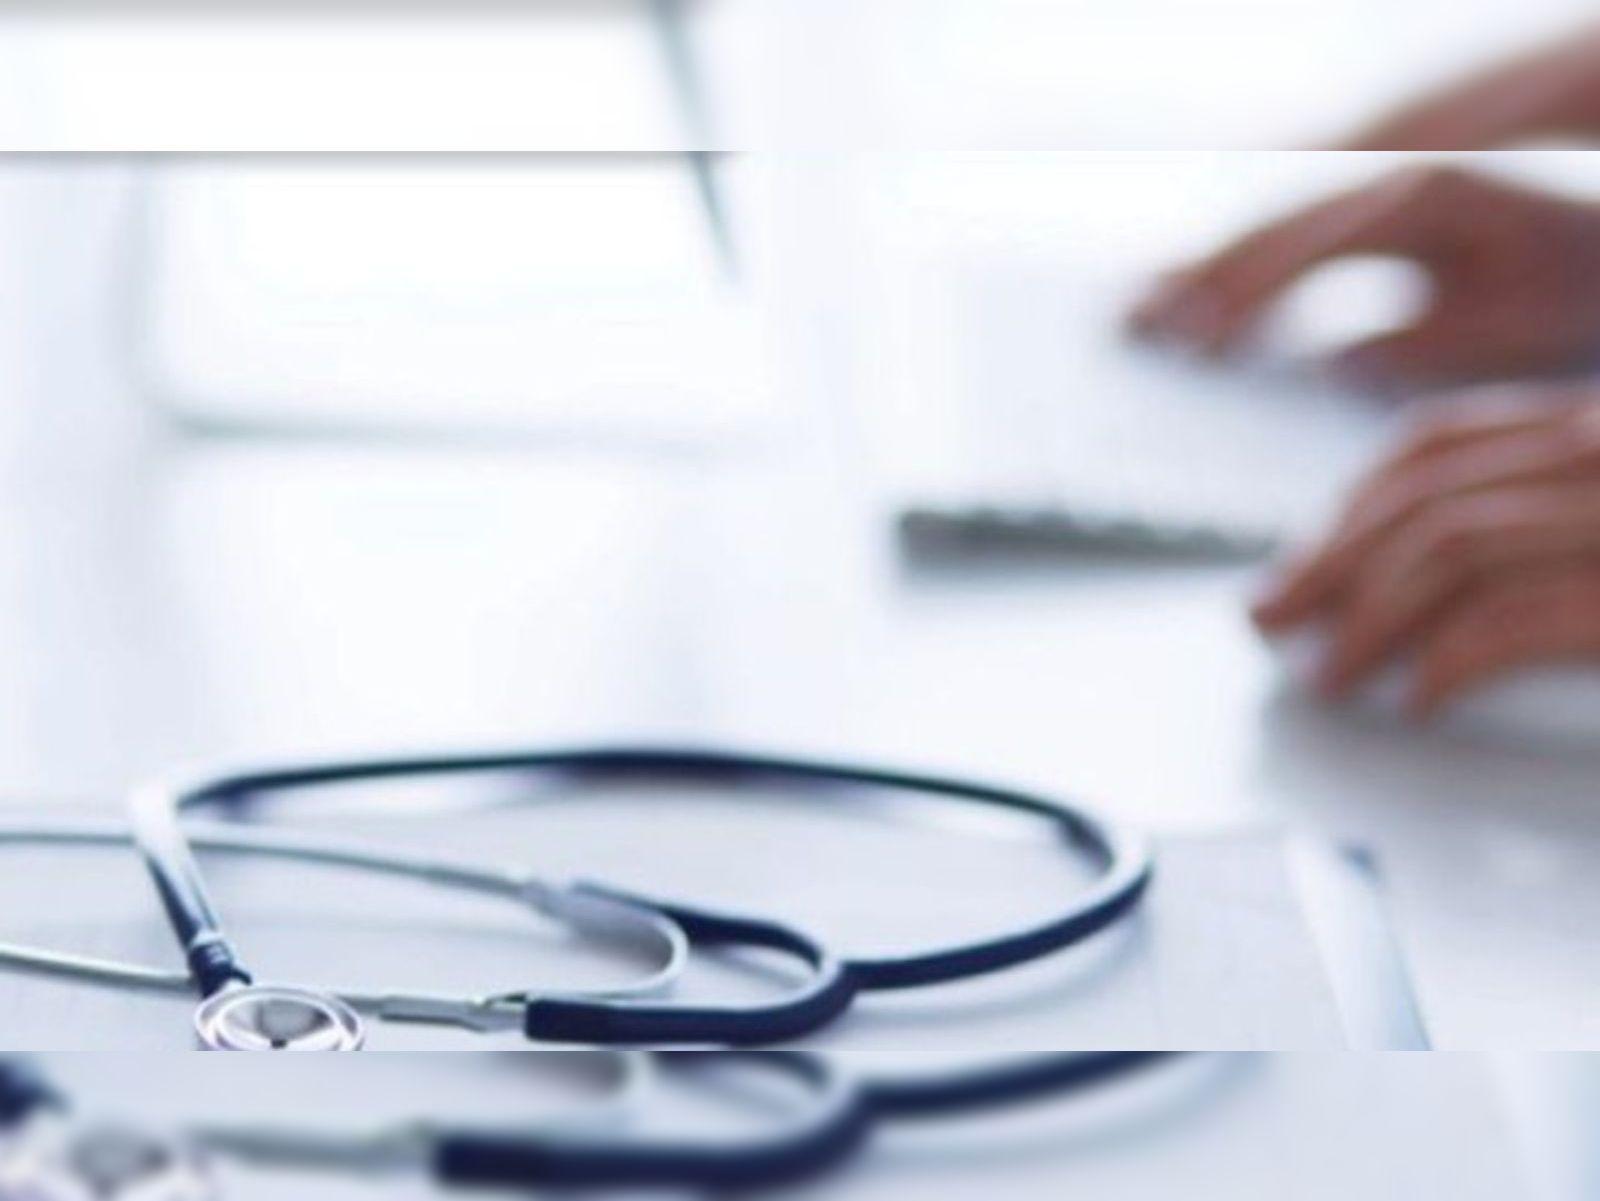 नीट का प्रवेश पत्र जारी, बुखार होने पर अलग रूम में देनी होगी परीक्षा|कोटा,Kota - Dainik Bhaskar